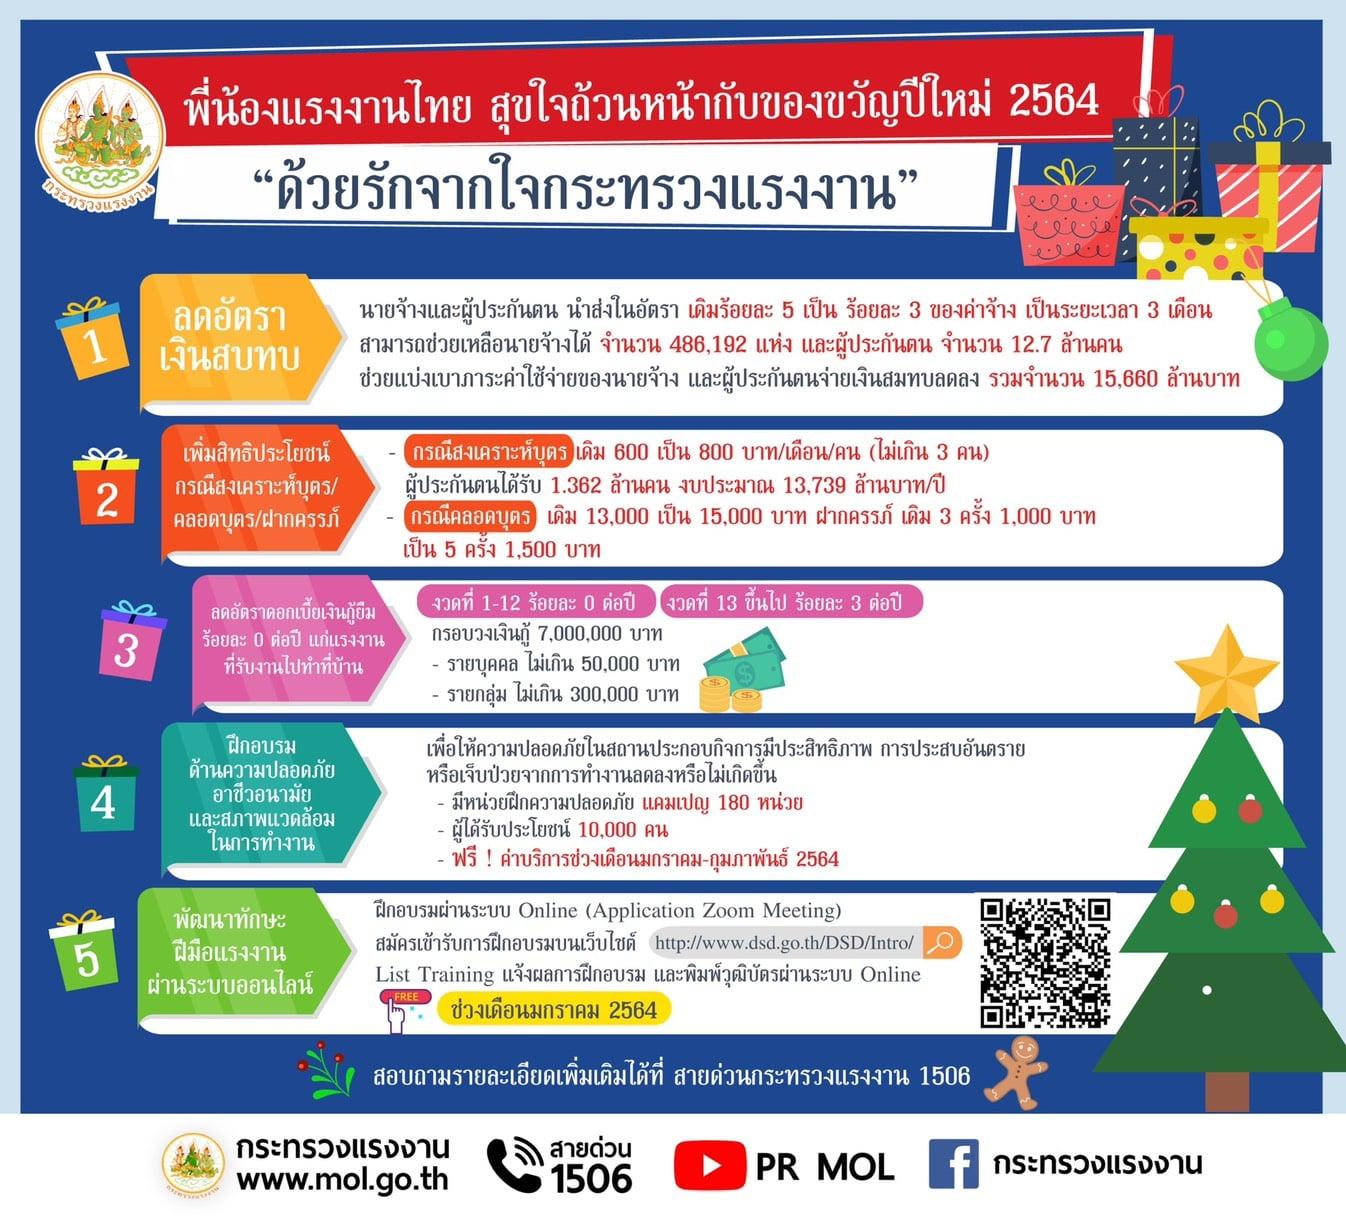 """พี่น้องแรงงานไทย สุขใจถ้วนหน้ากับของขวัญปีใหม่ 2564 """"ด้วยรักจากใจกระทรวงแรงงาน"""""""